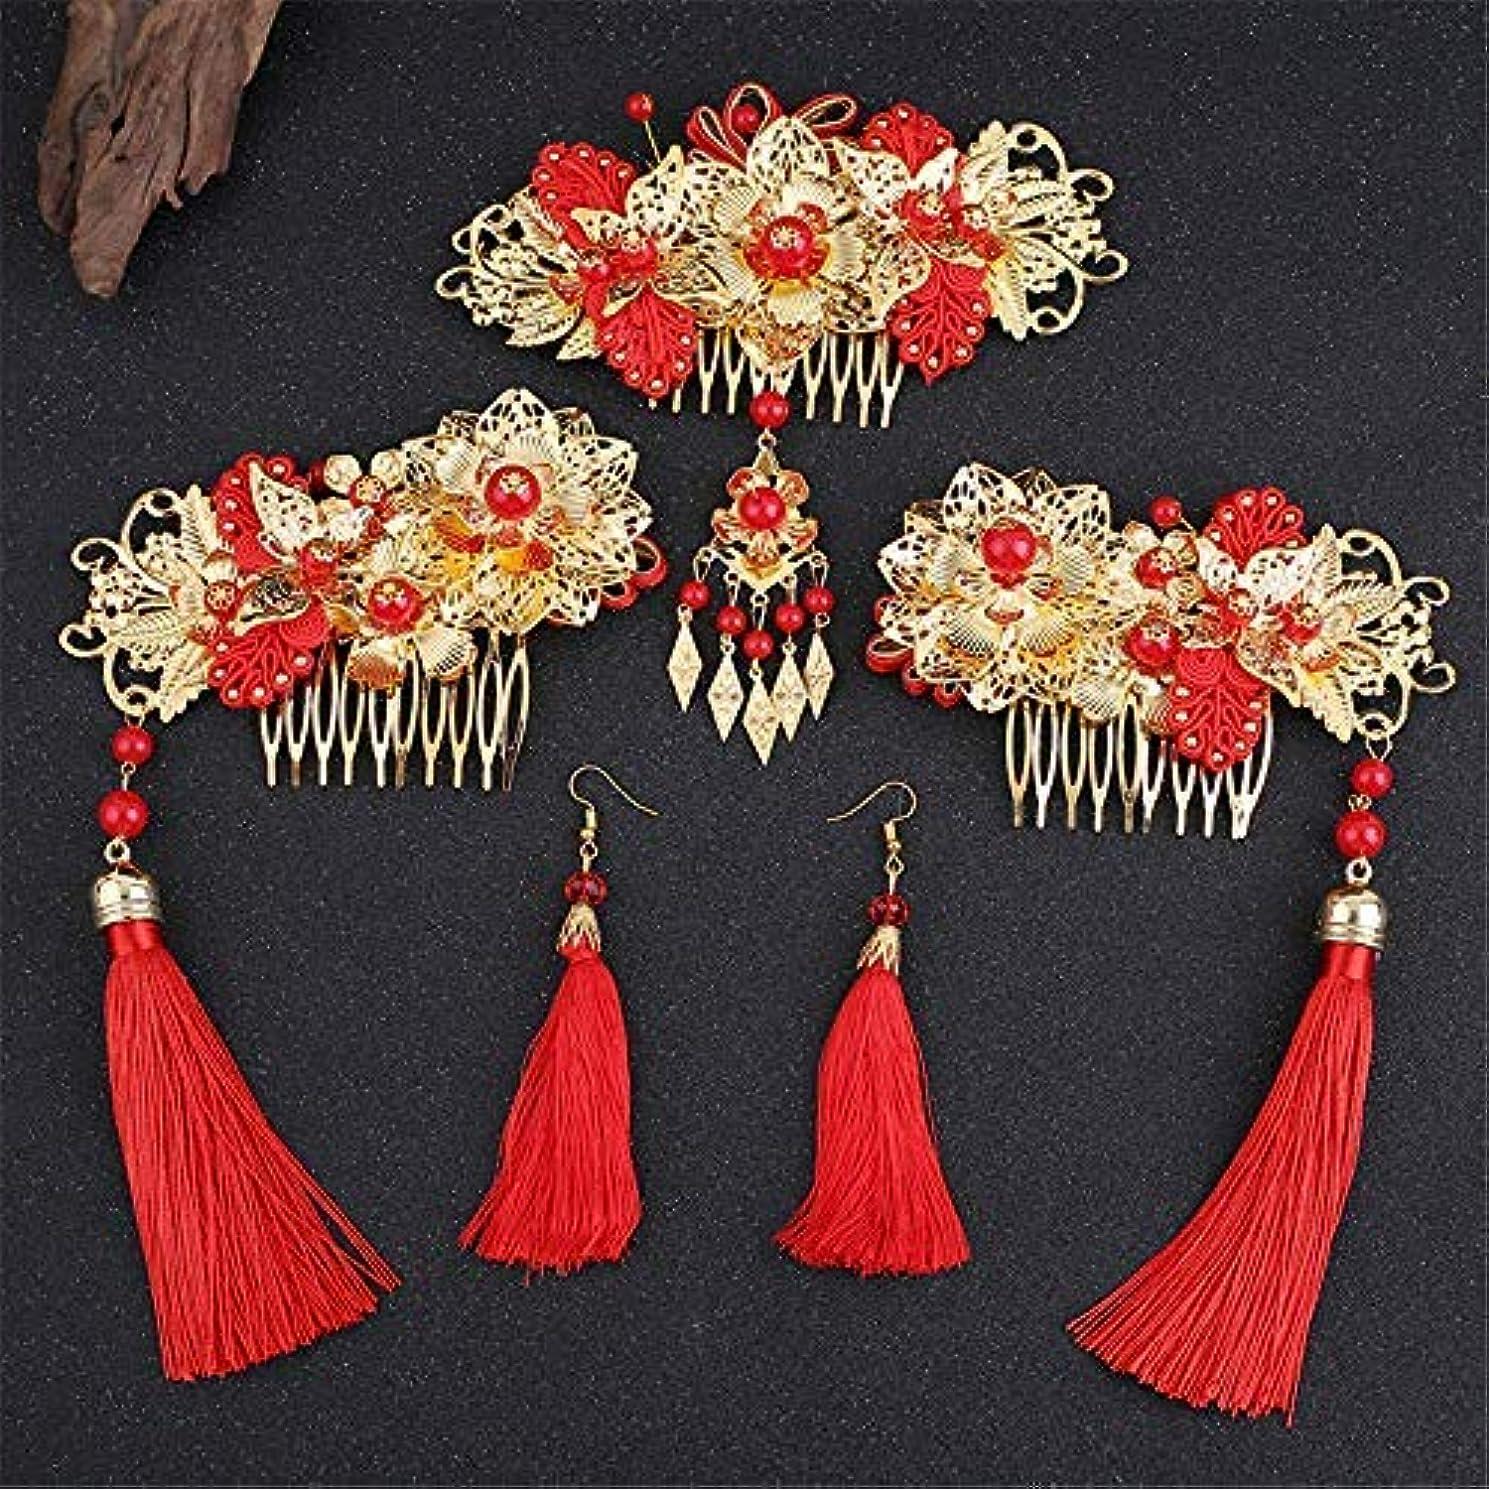 ハント花に水をやる噴水Wedding Classical Traditional Chinese Wedding Bride Hair Accessory With Combs wedding accessories [並行輸入品]